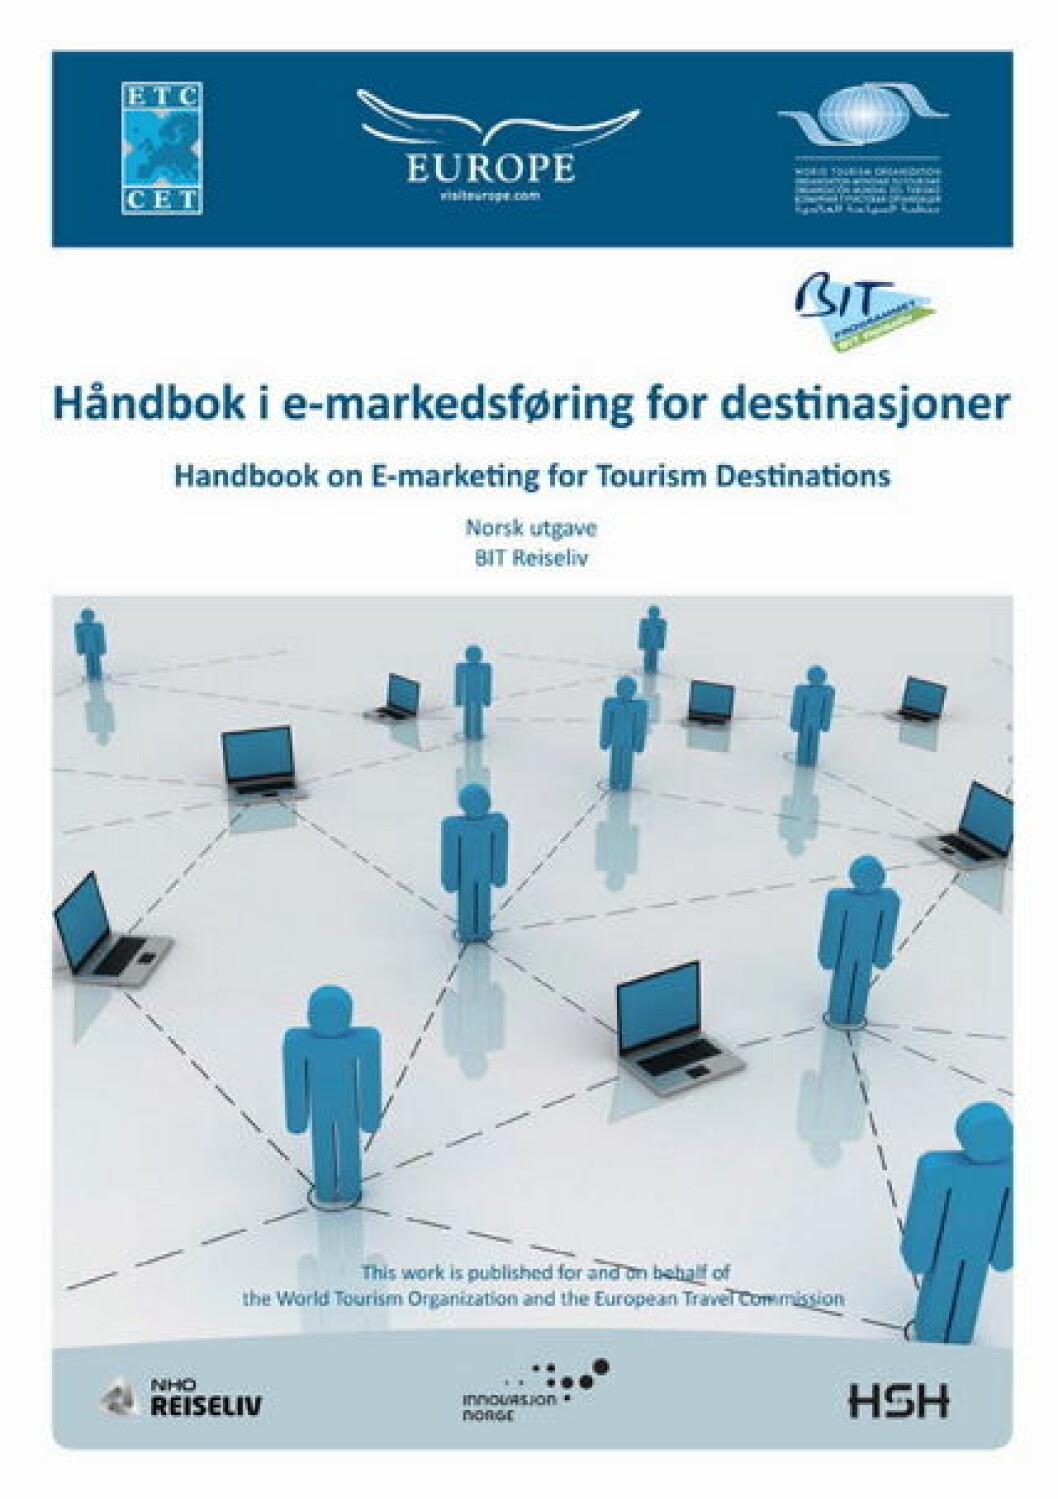 Håndbok e-markedsføring nett